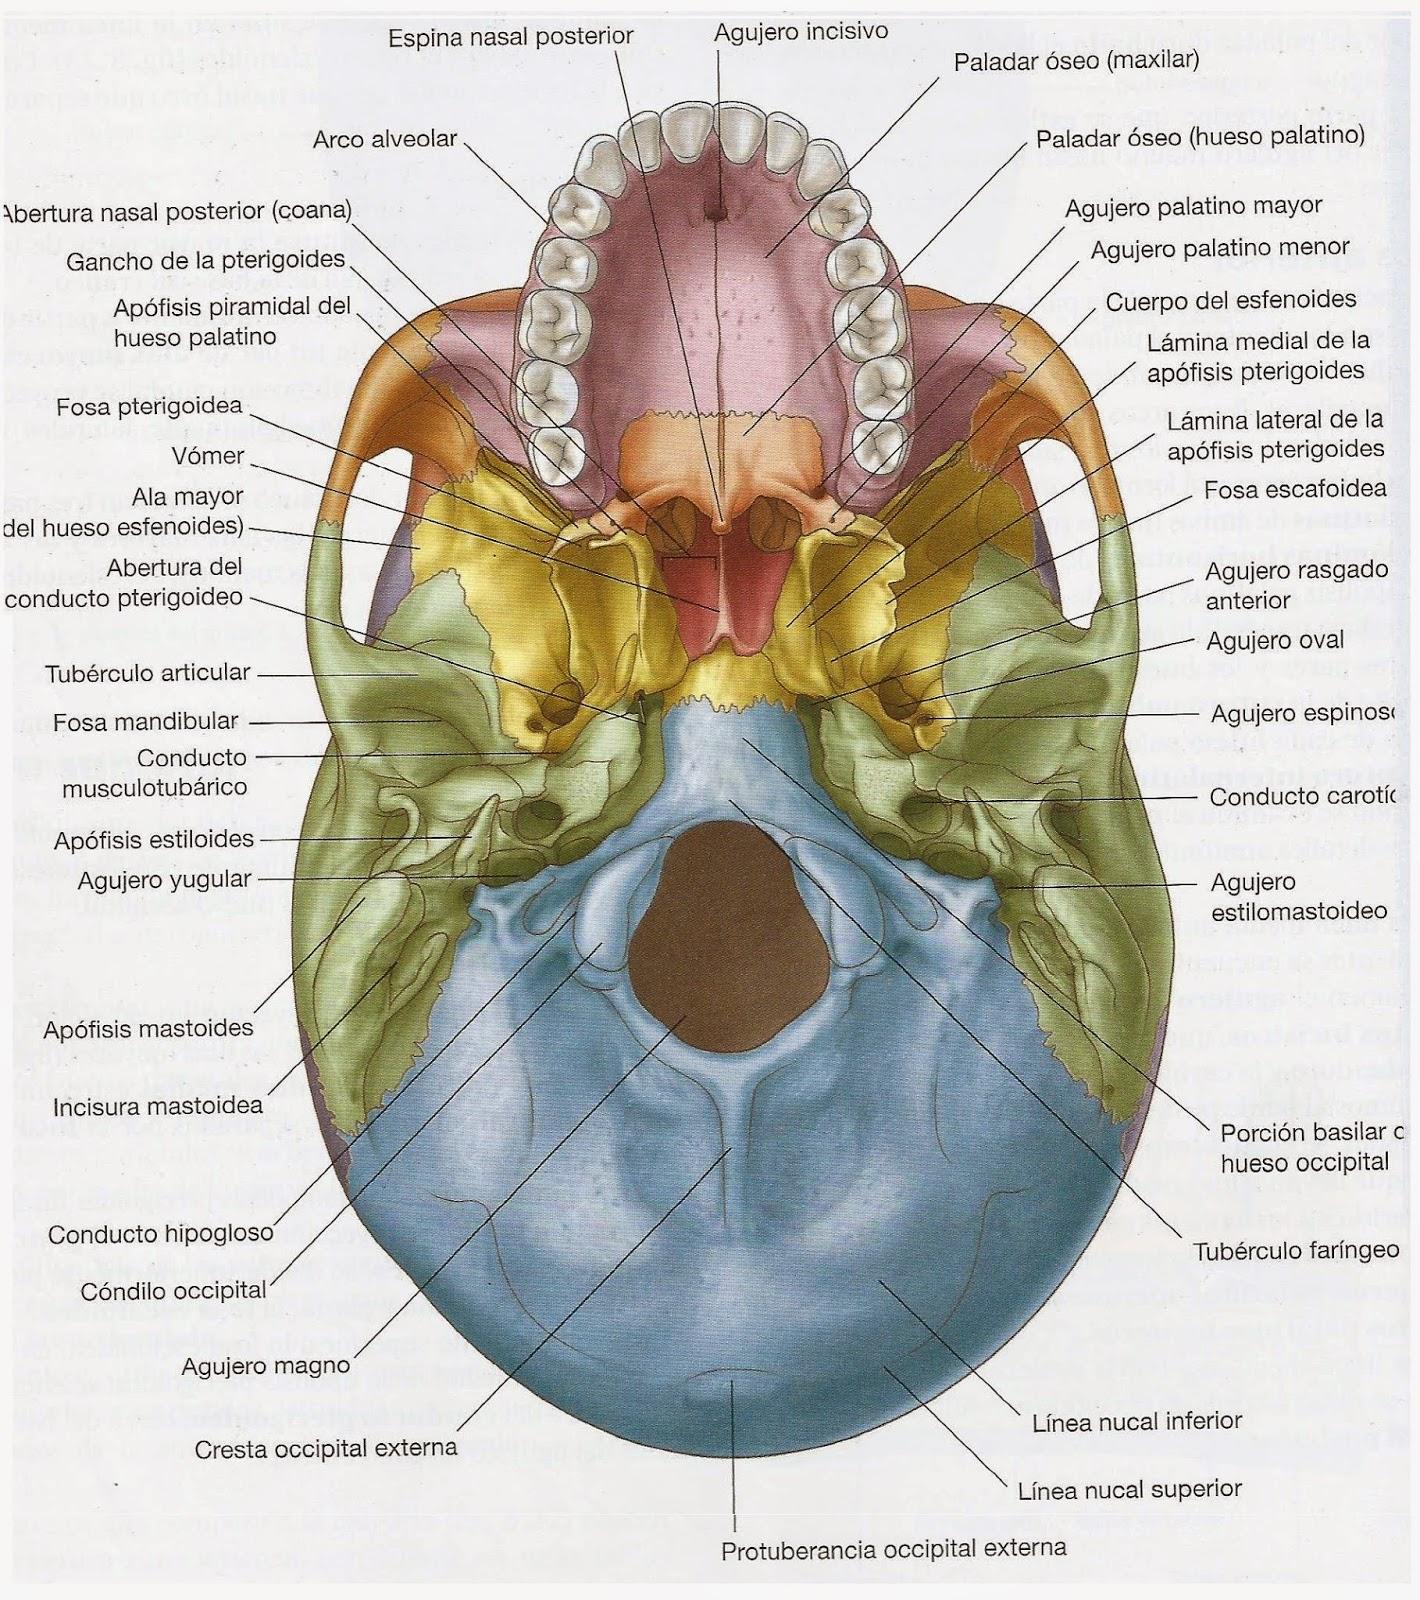 Bonito Anatomía Cráneo Inferiores Molde - Anatomía de Las ...